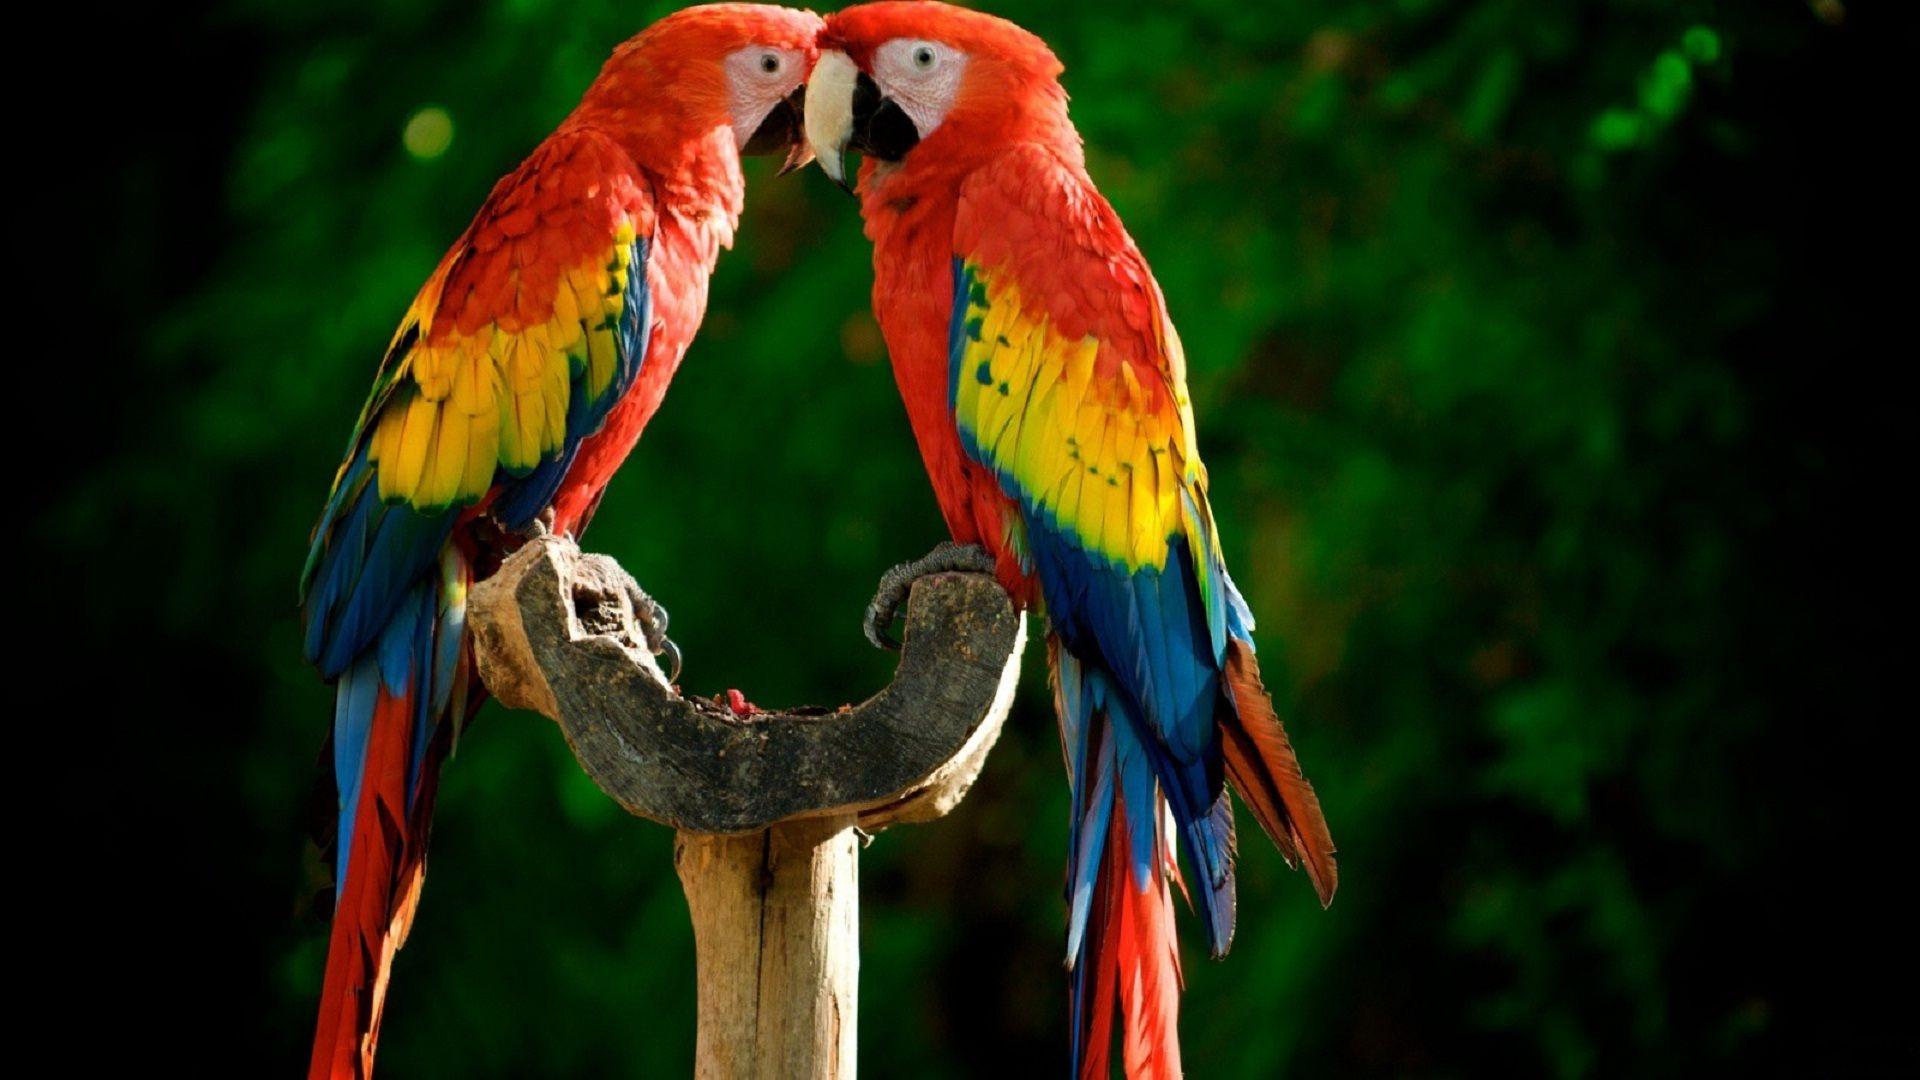 Parrots On The Desktop